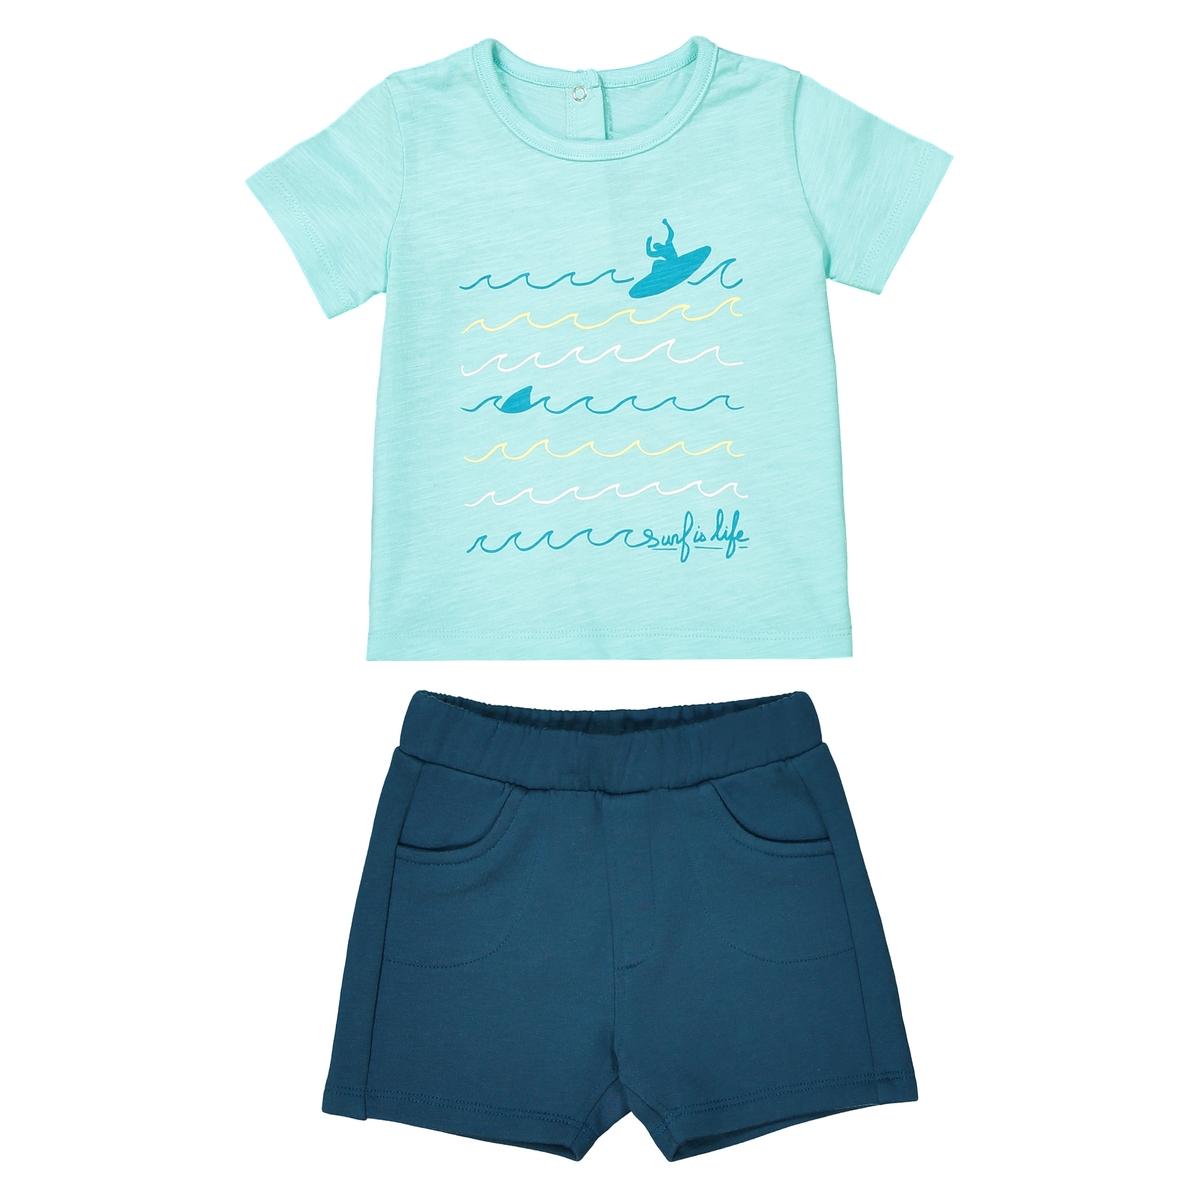 Conjunto para bebé T-shirt e calções, 1 mês - 3 anos